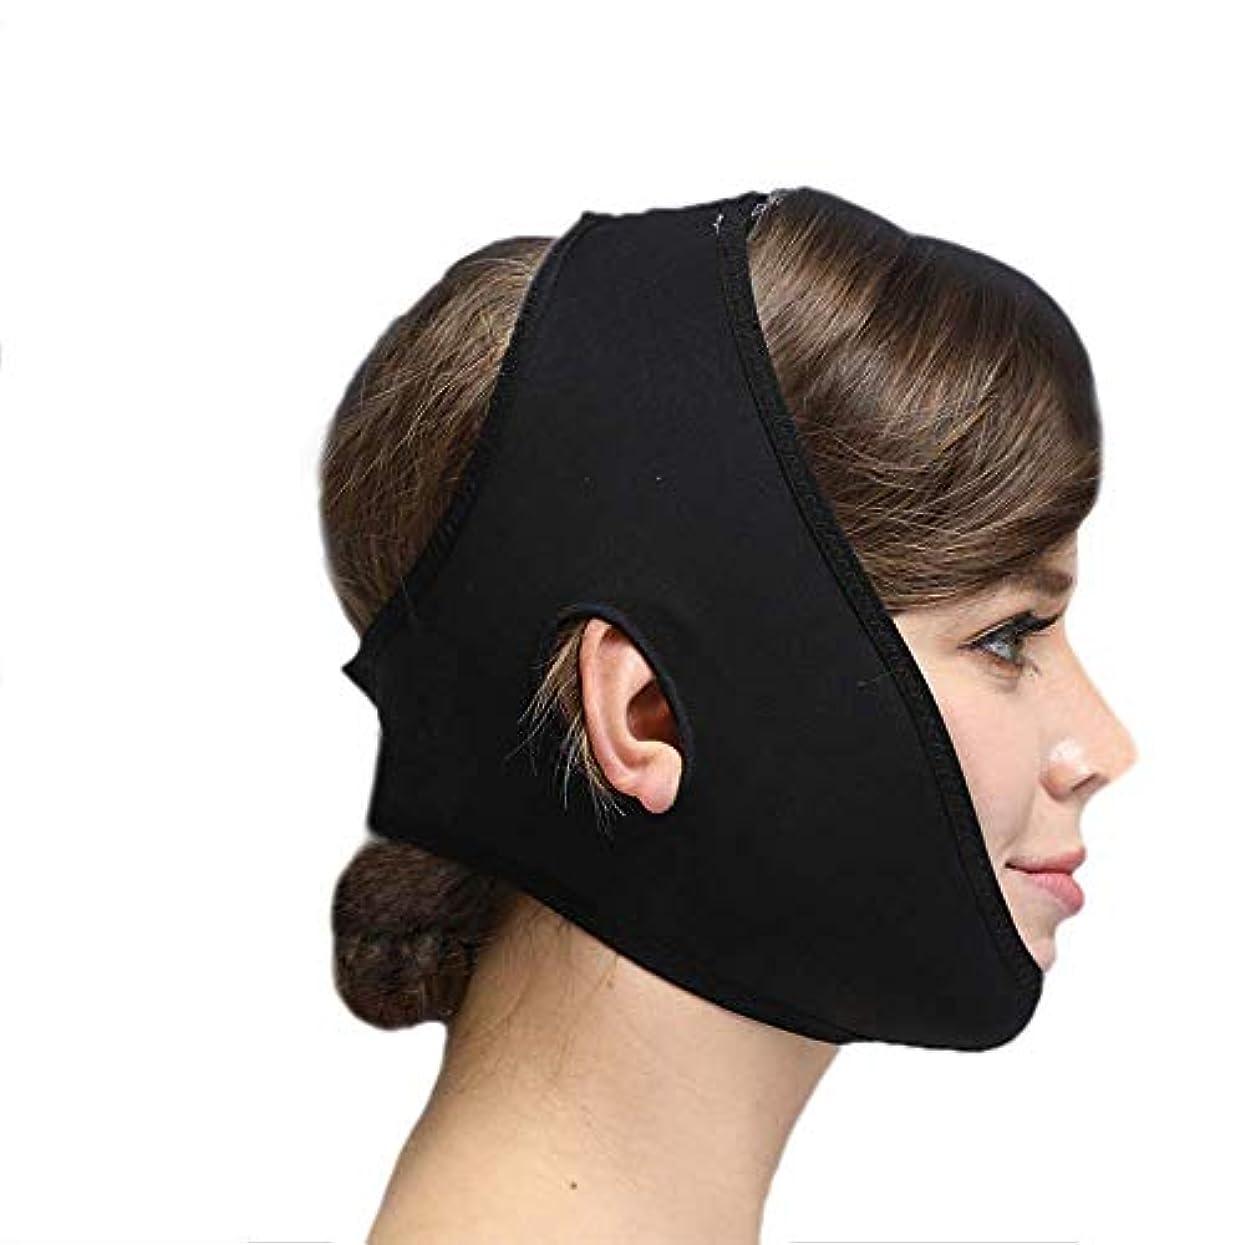 戸棚おじいちゃん上下するフェイススリミングマスク、快適さと通気性、フェイシャルリフティング、輪郭の改善された硬さ、ファーミングとリフティングフェイス(カラー:ブラック、サイズ:XL),ブラック2、L